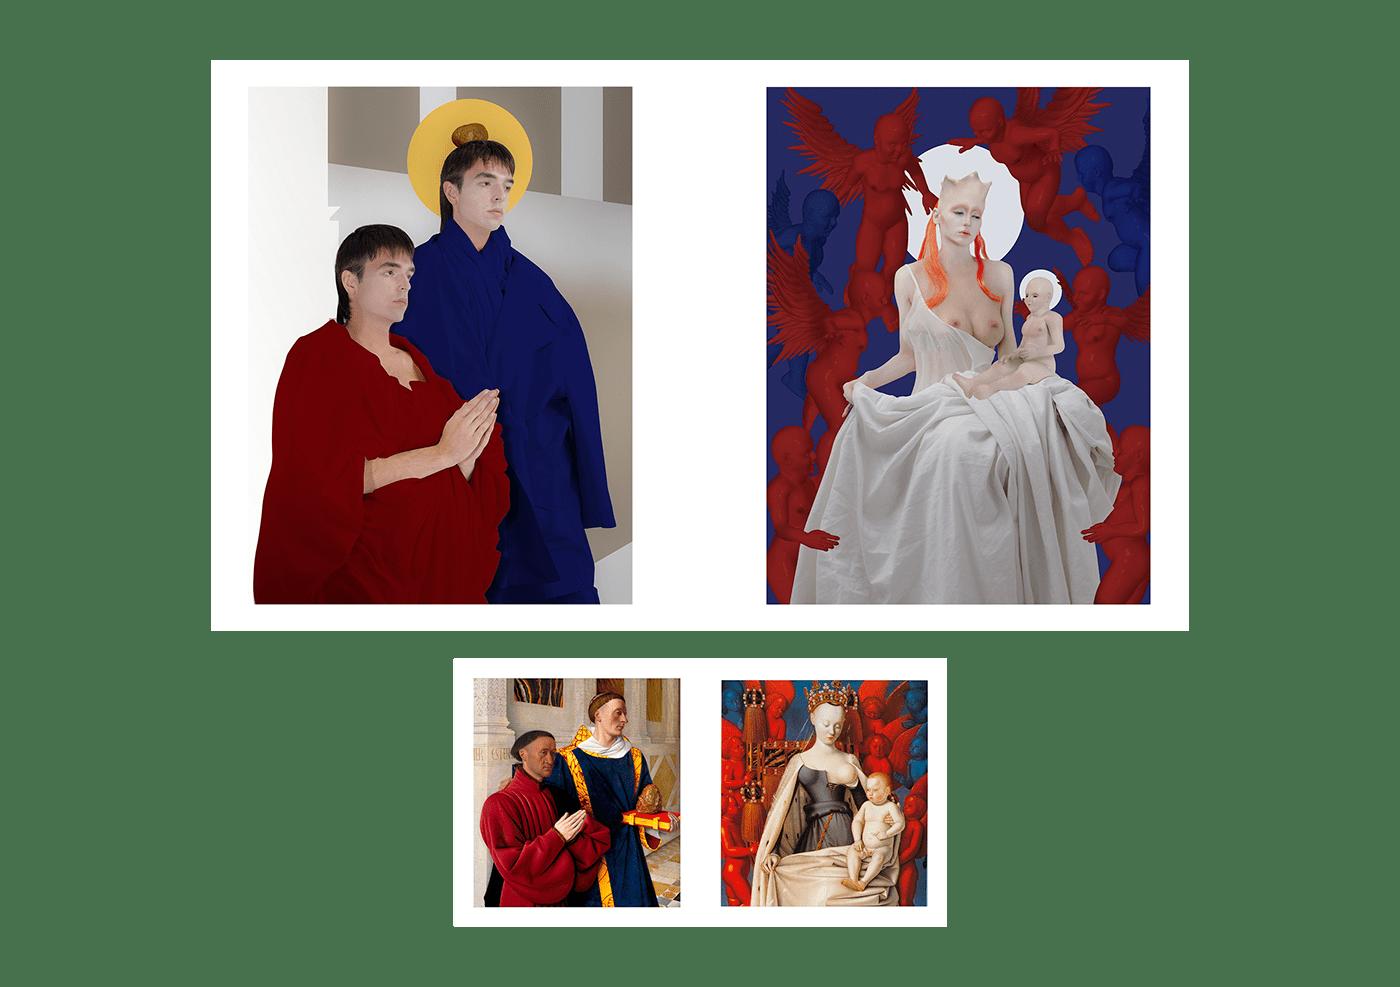 3D 3d art Digital Art  collage composition